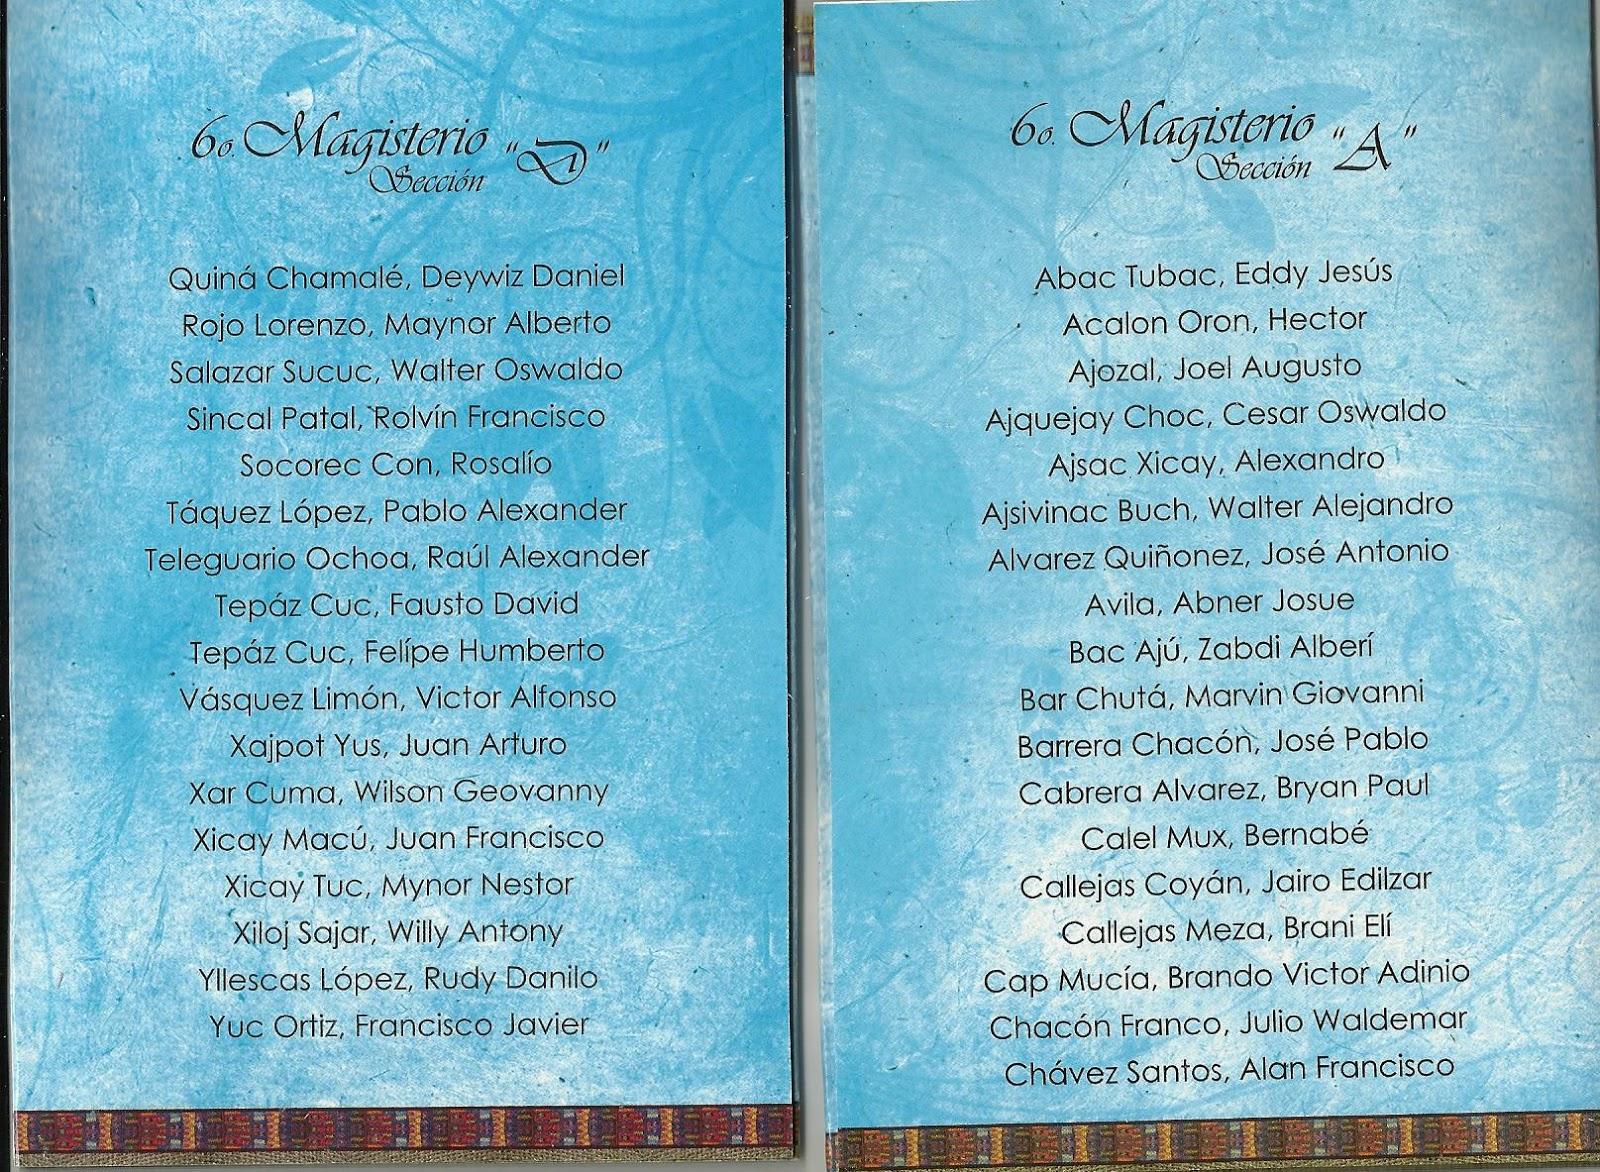 Mensajes De Agradecimiento: Agradecimientos-de-graduacion-a-mis-padres Images